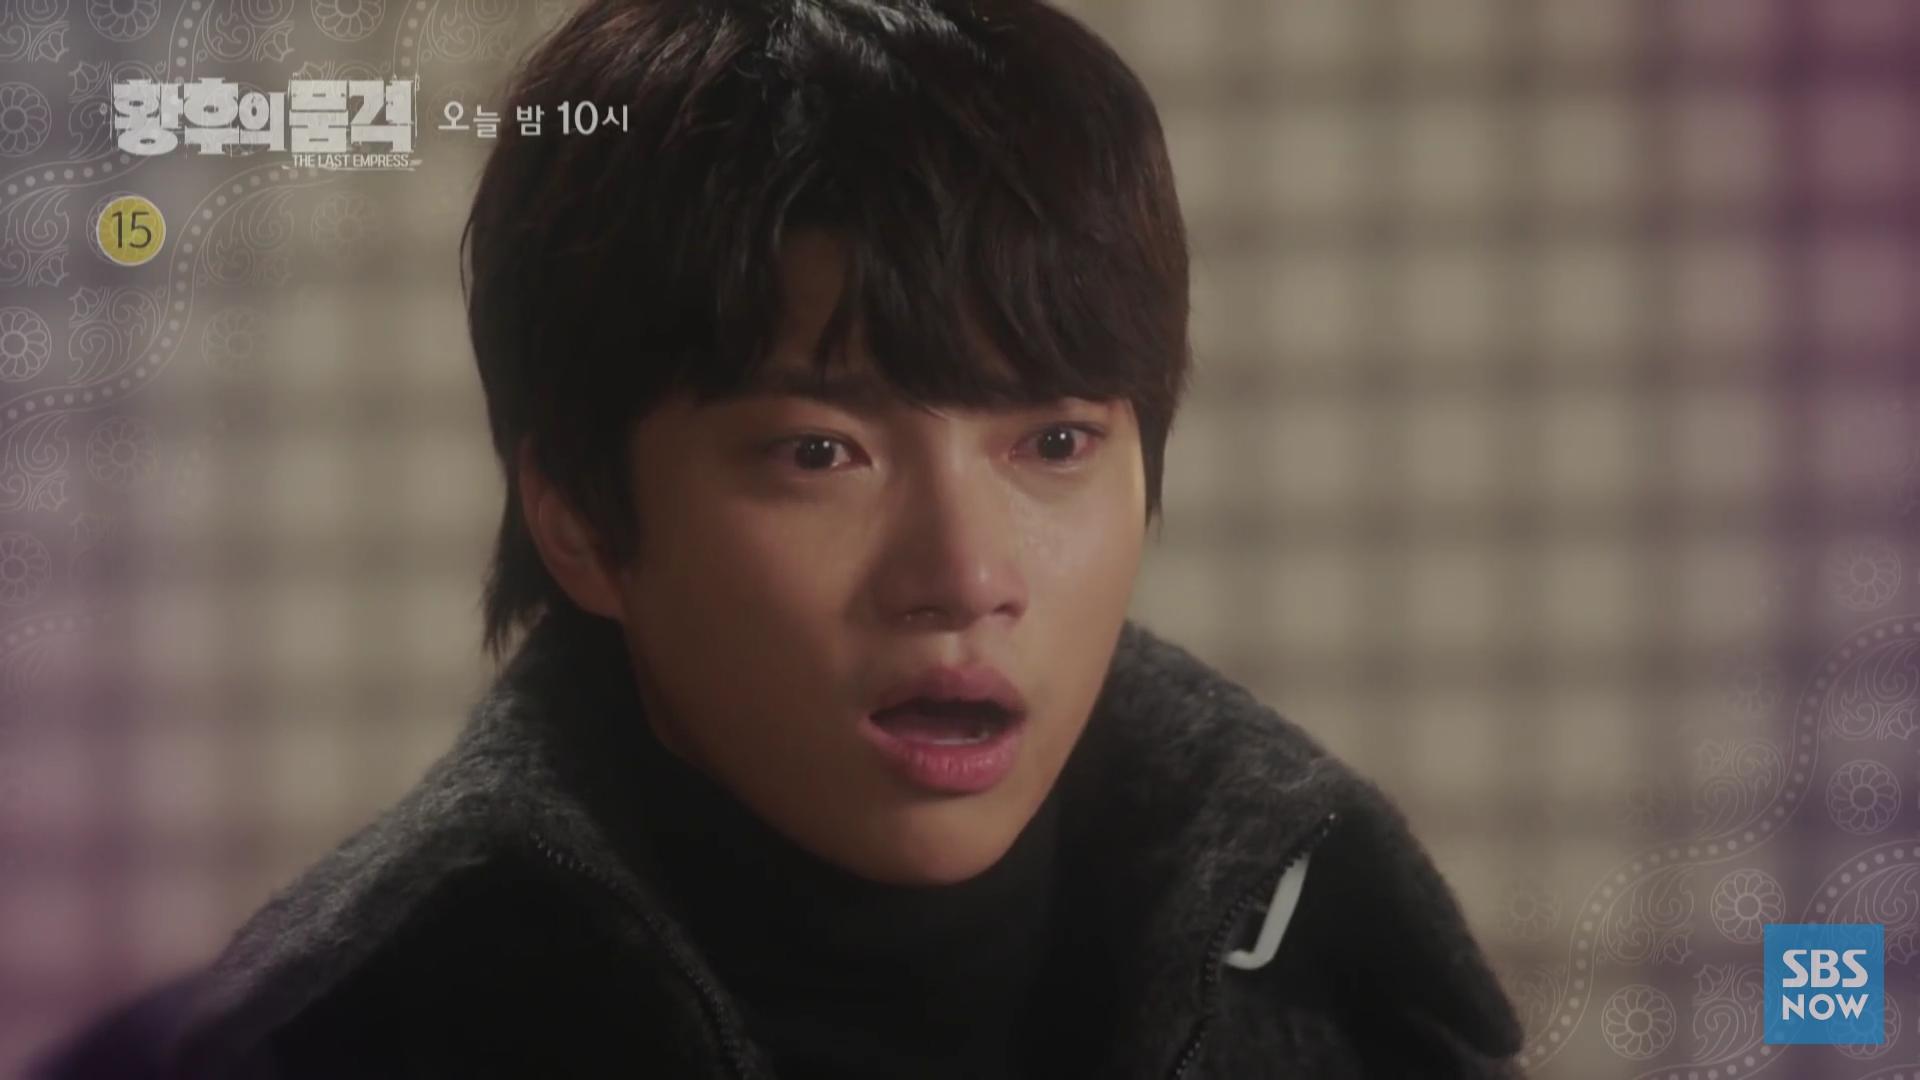 Hoàng Hậu cuối cùng' tập 29-30: Jang Na Ra bị gài bom, Choi